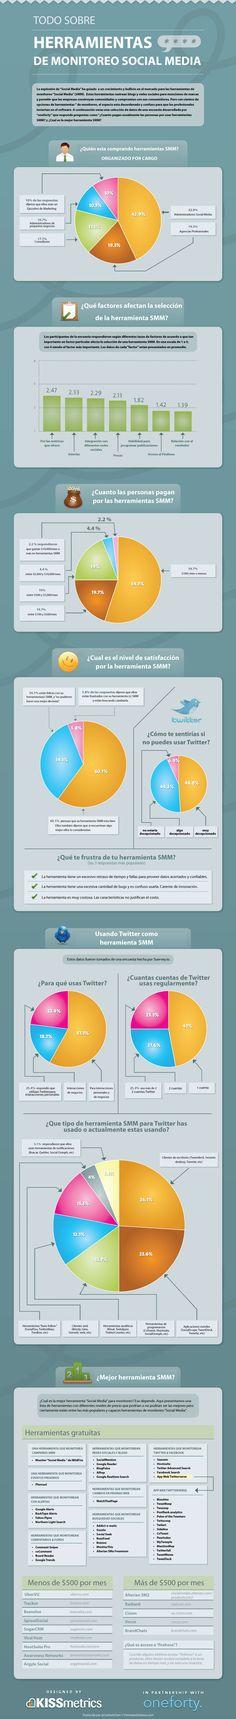 Las mejores herramientas de medición en Social Media #infografia (repinned by @ricardollera)